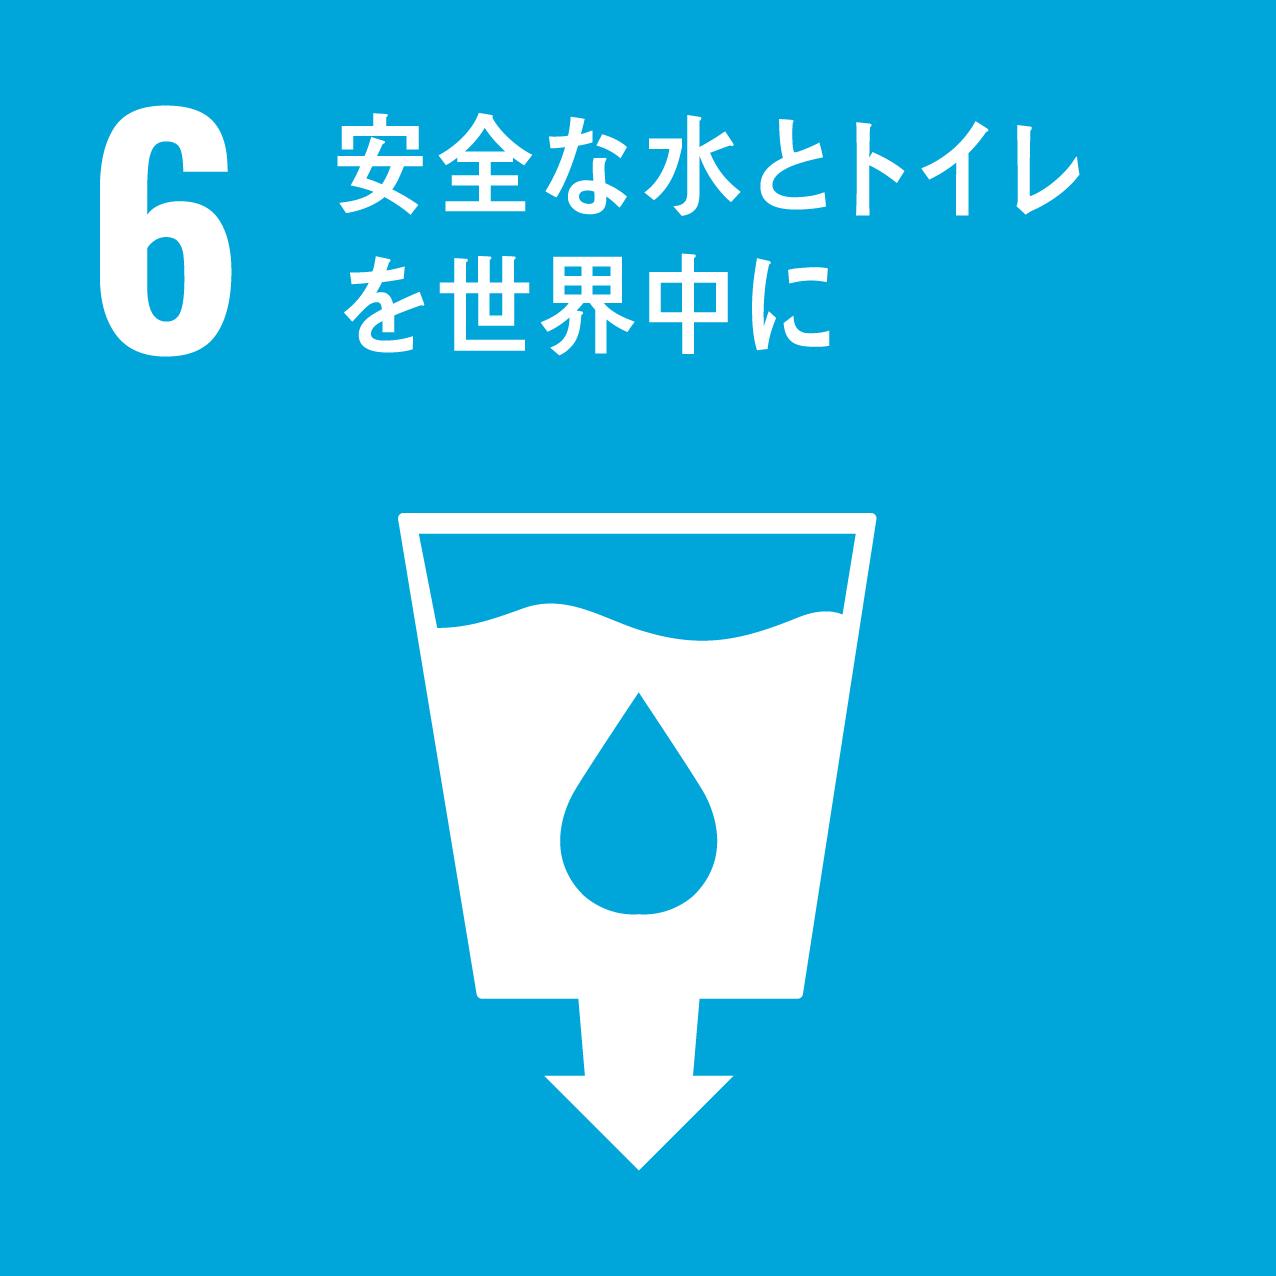 SDGs_06.png